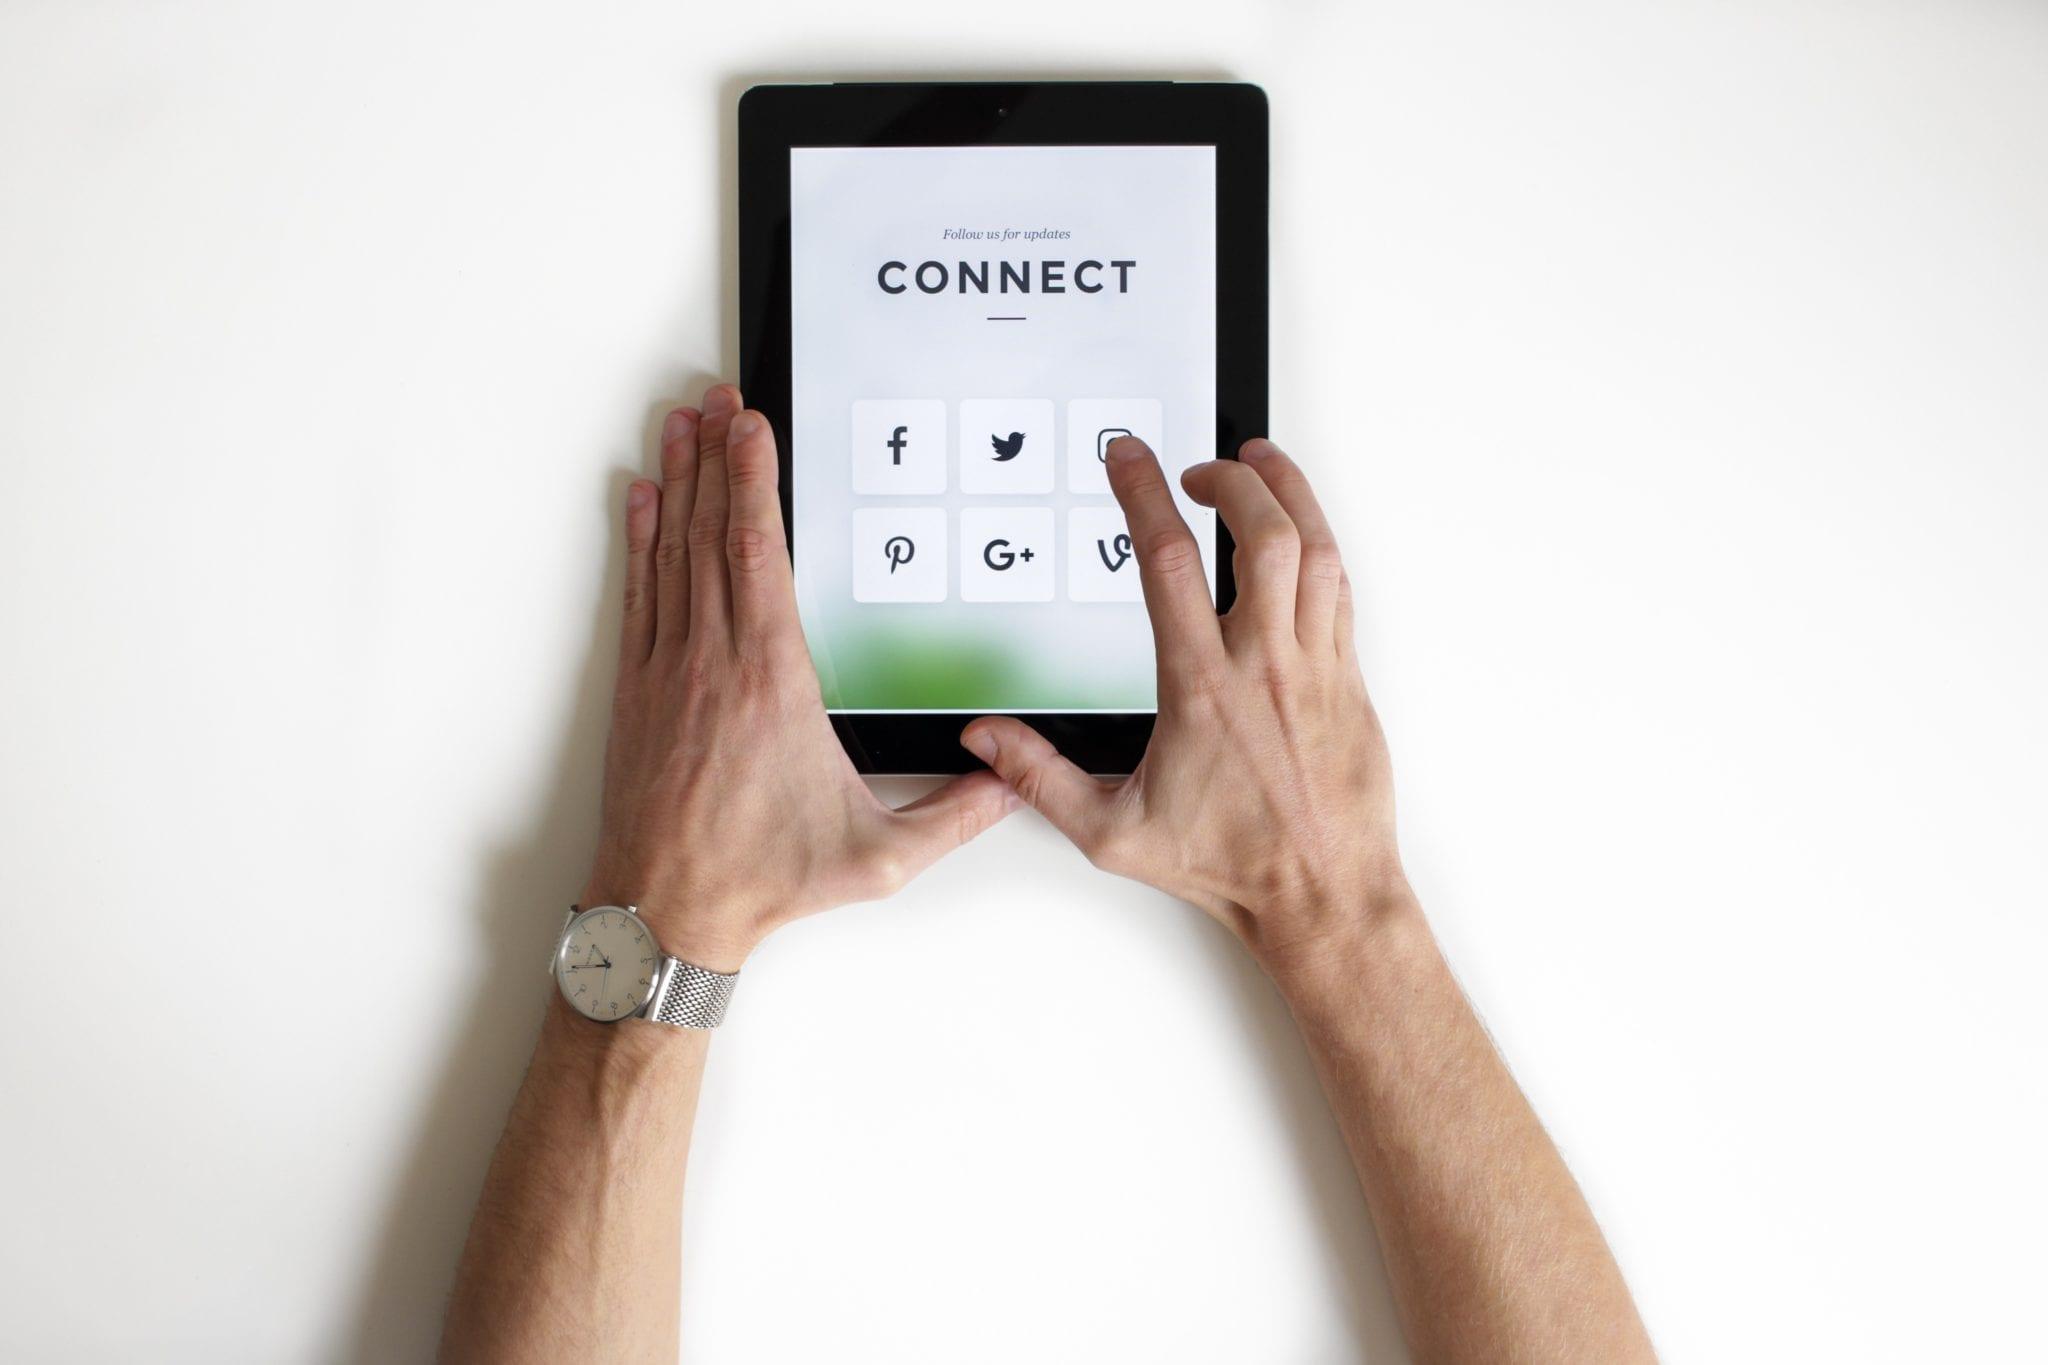 Consejos Para Segmentar Campañas Digitales ¡aprende A Hacerlo! 2heart